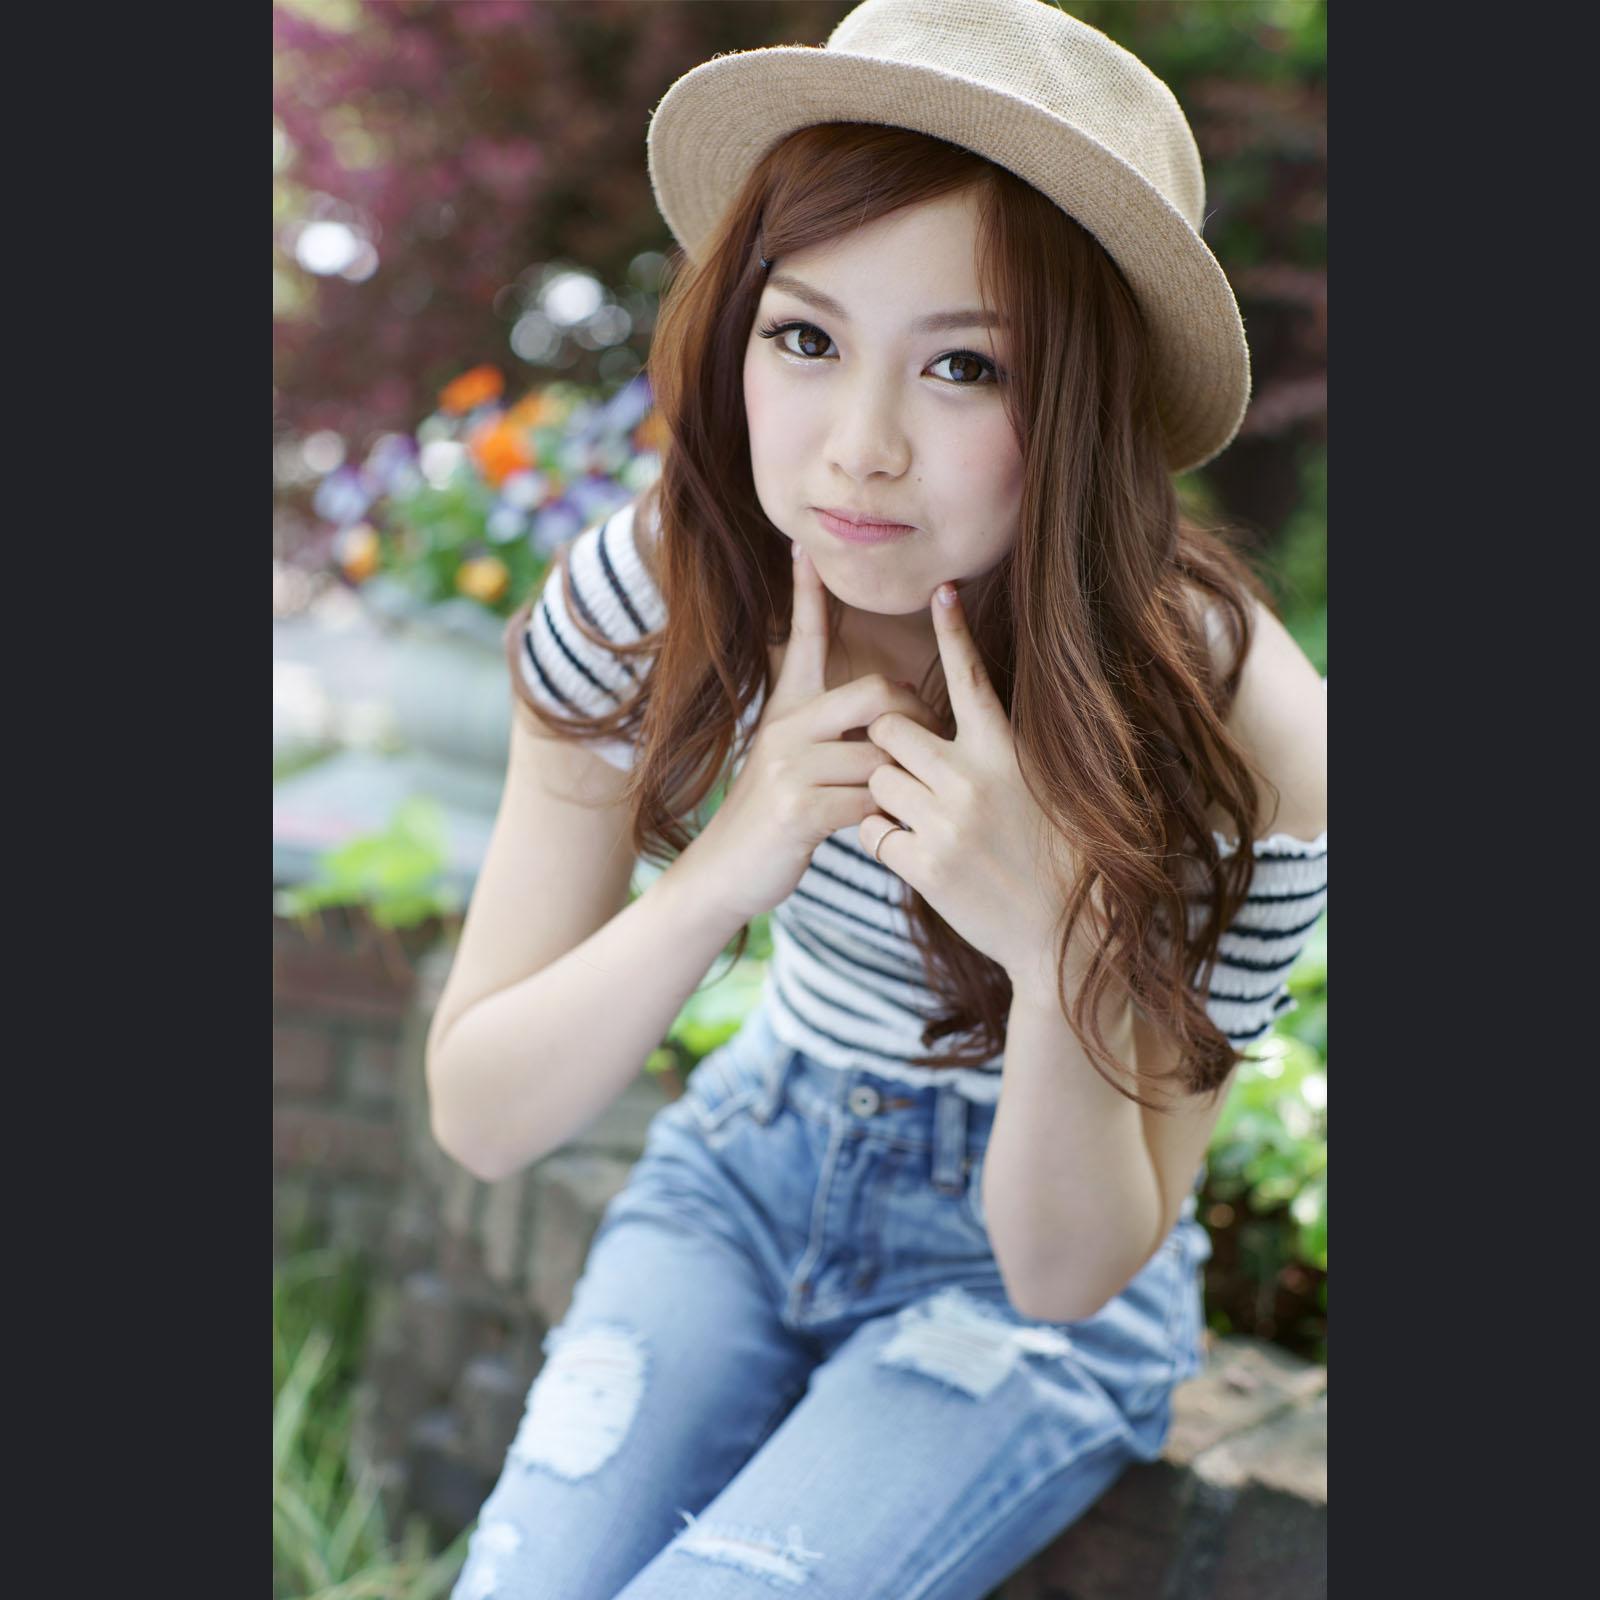 f0269385_17171779.jpg